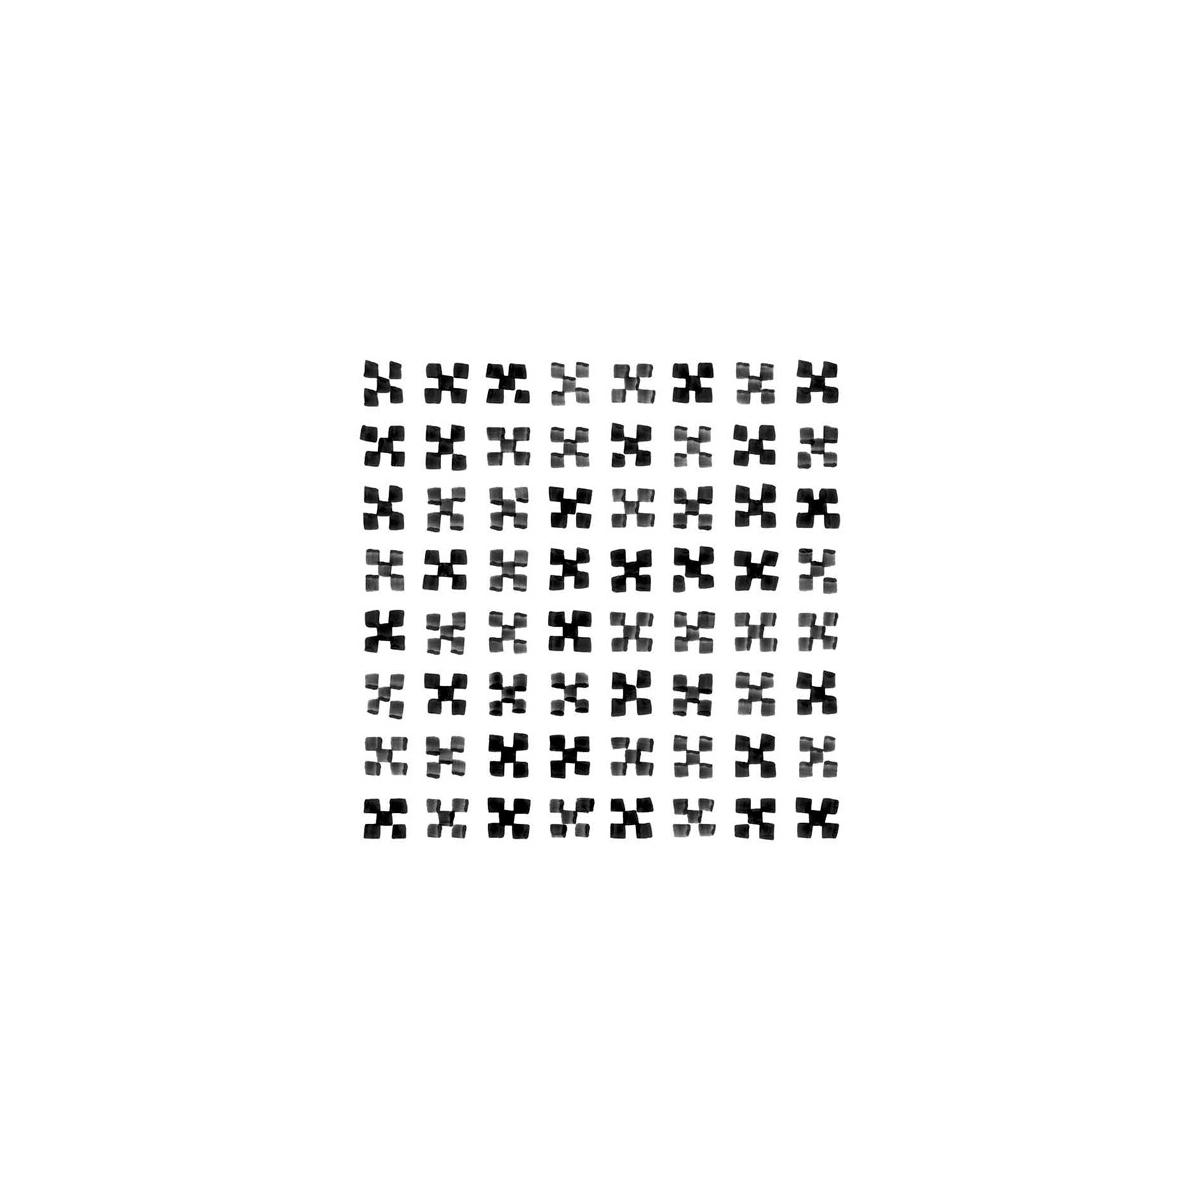 Paix Sombra 20x20 (m2) - Losas hidráulicas Porcelánico para interior y exterior